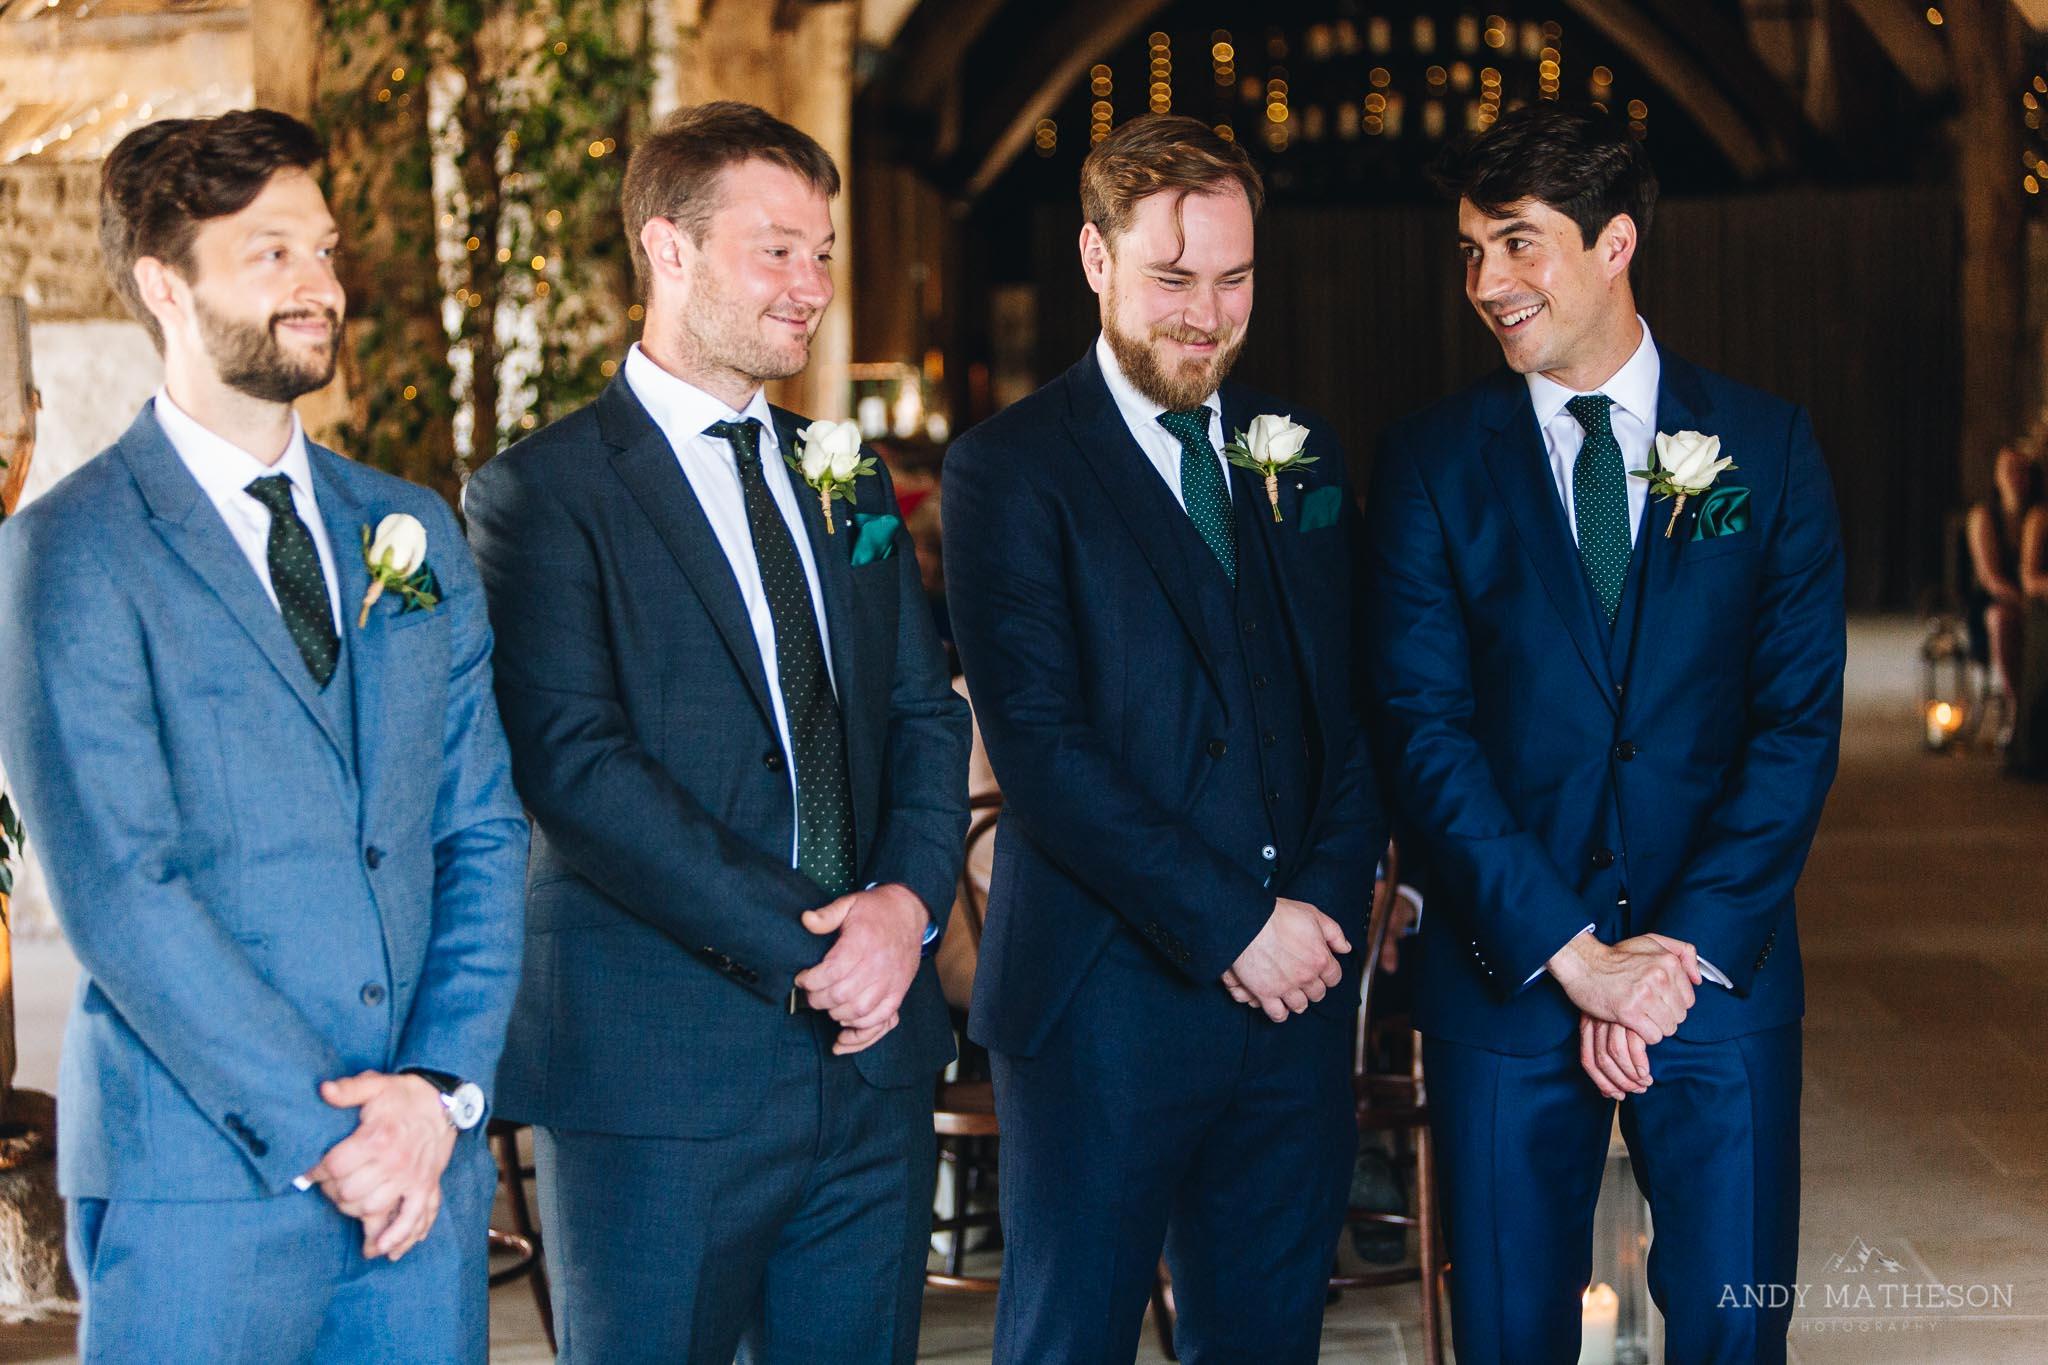 Tithe Barn Bolton Abbey Wedding Photographer_Andy Matheson_031.jpg